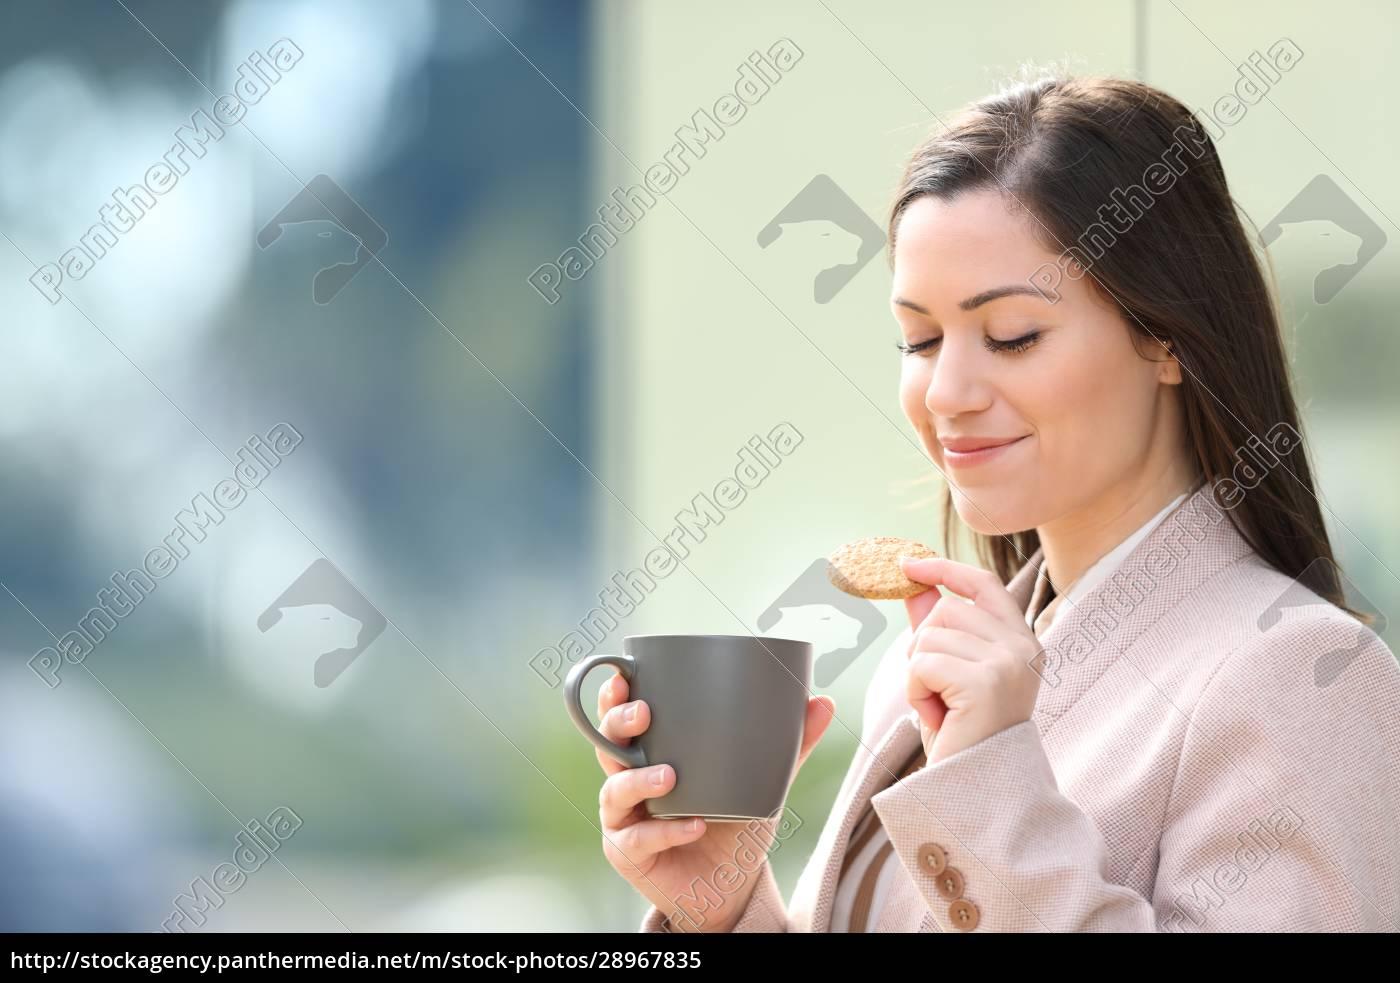 unternehmer, isst, kekse, und, trinkt, kaffee - 28967835